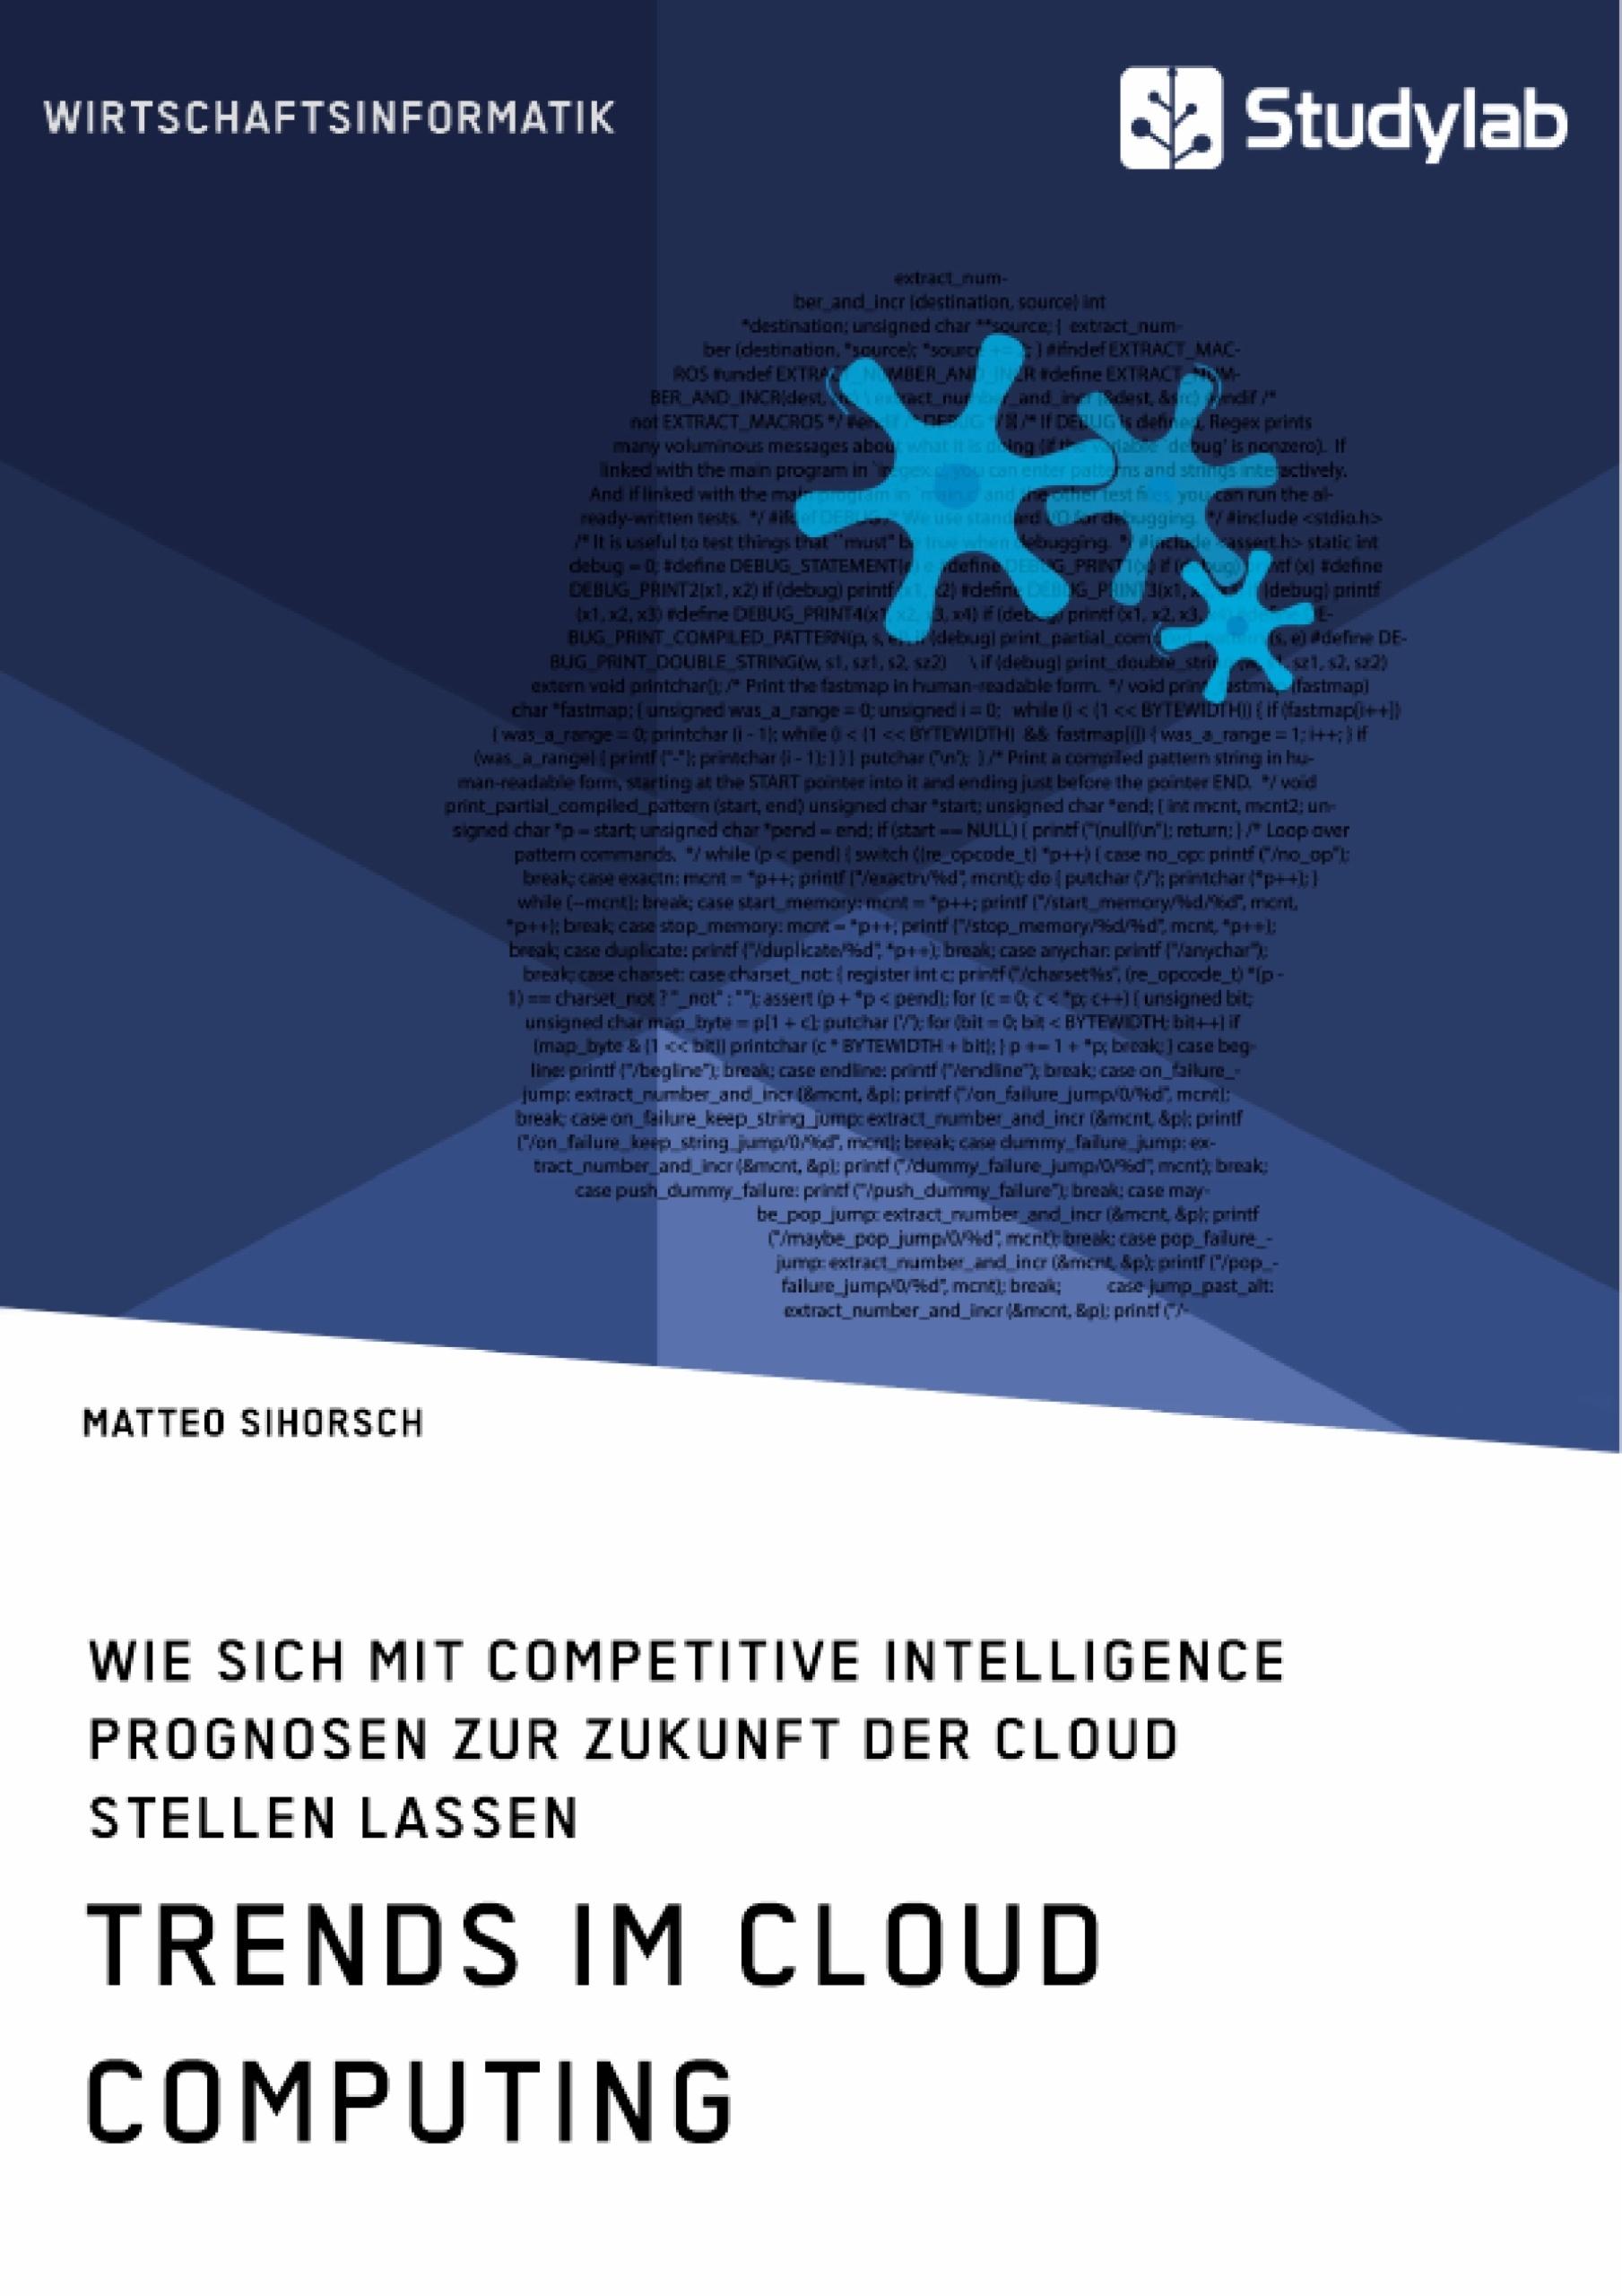 Titel: Trends im Cloud Computing. Wie sich mit Competitive Intelligence Prognosen zur Zukunft der Cloud stellen lassen